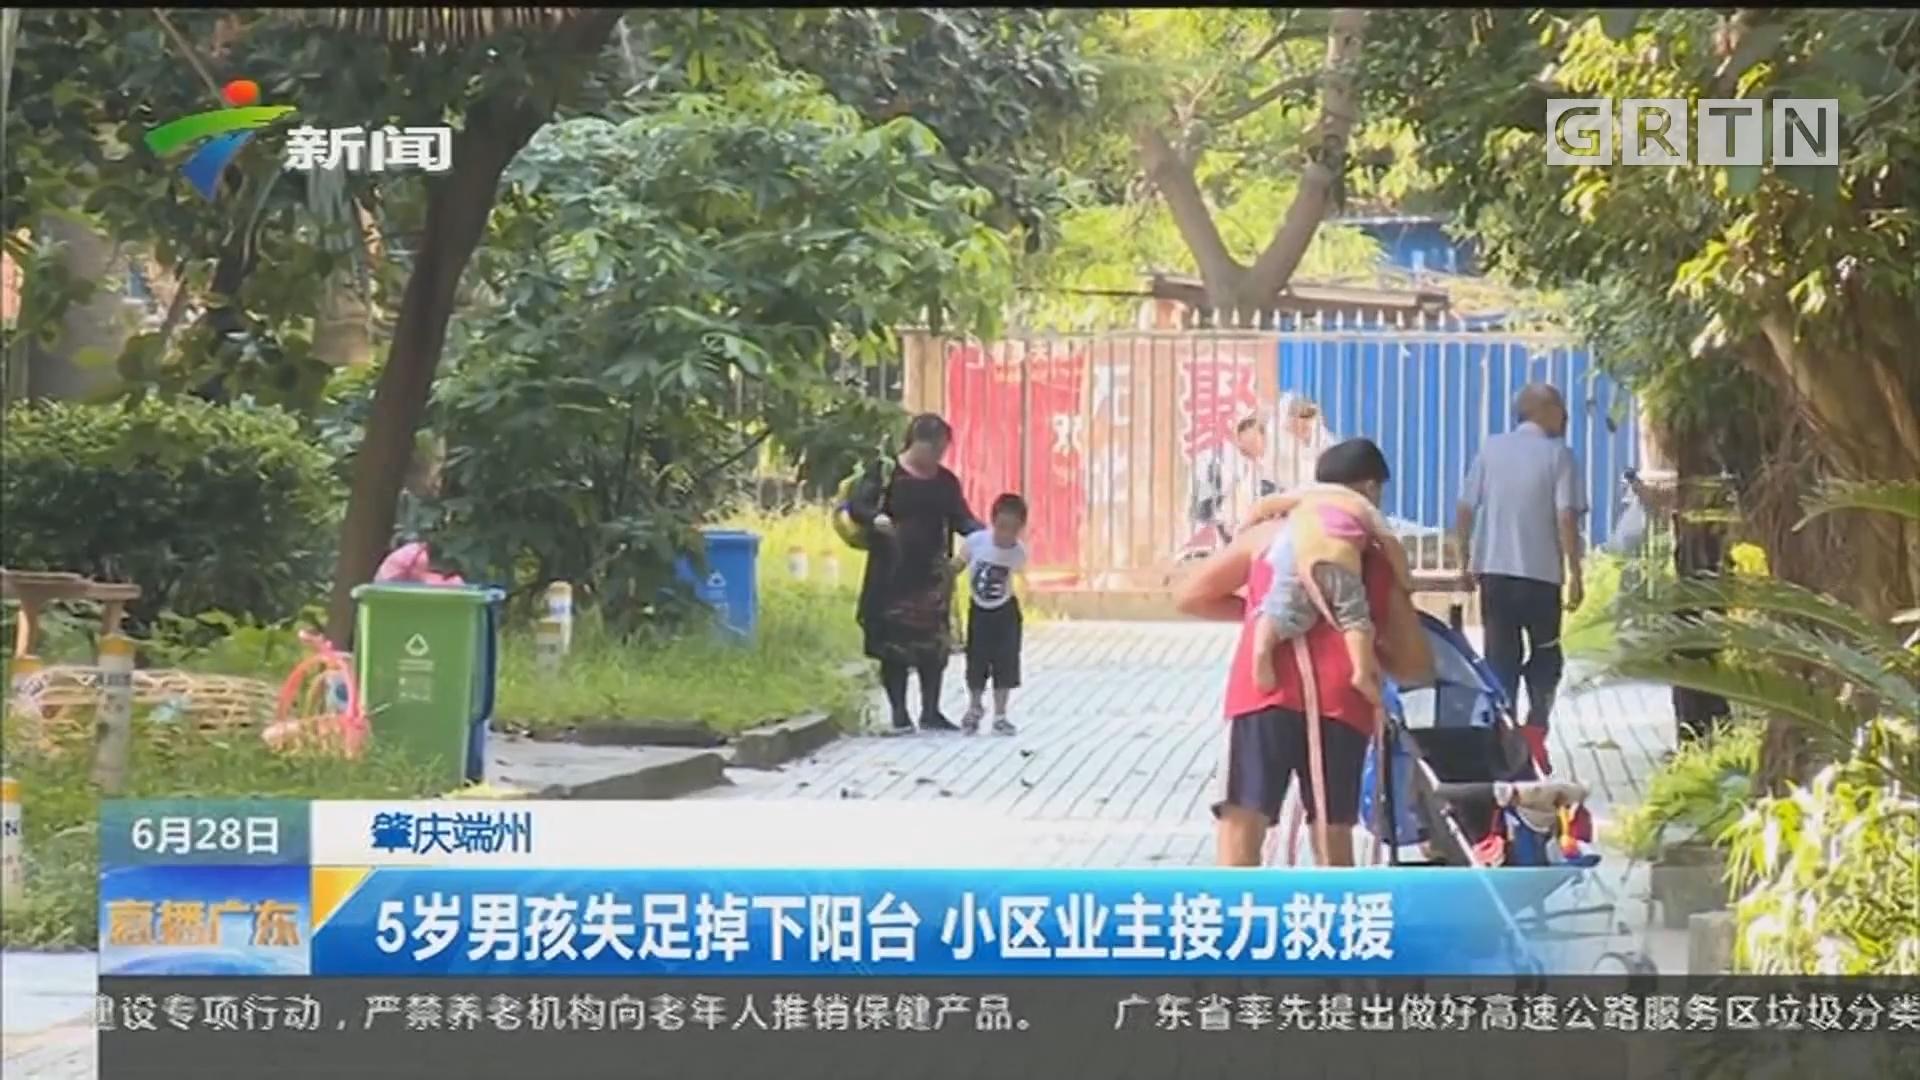 肇庆端州:5岁男孩失足掉下阳台 小区业主接力救援